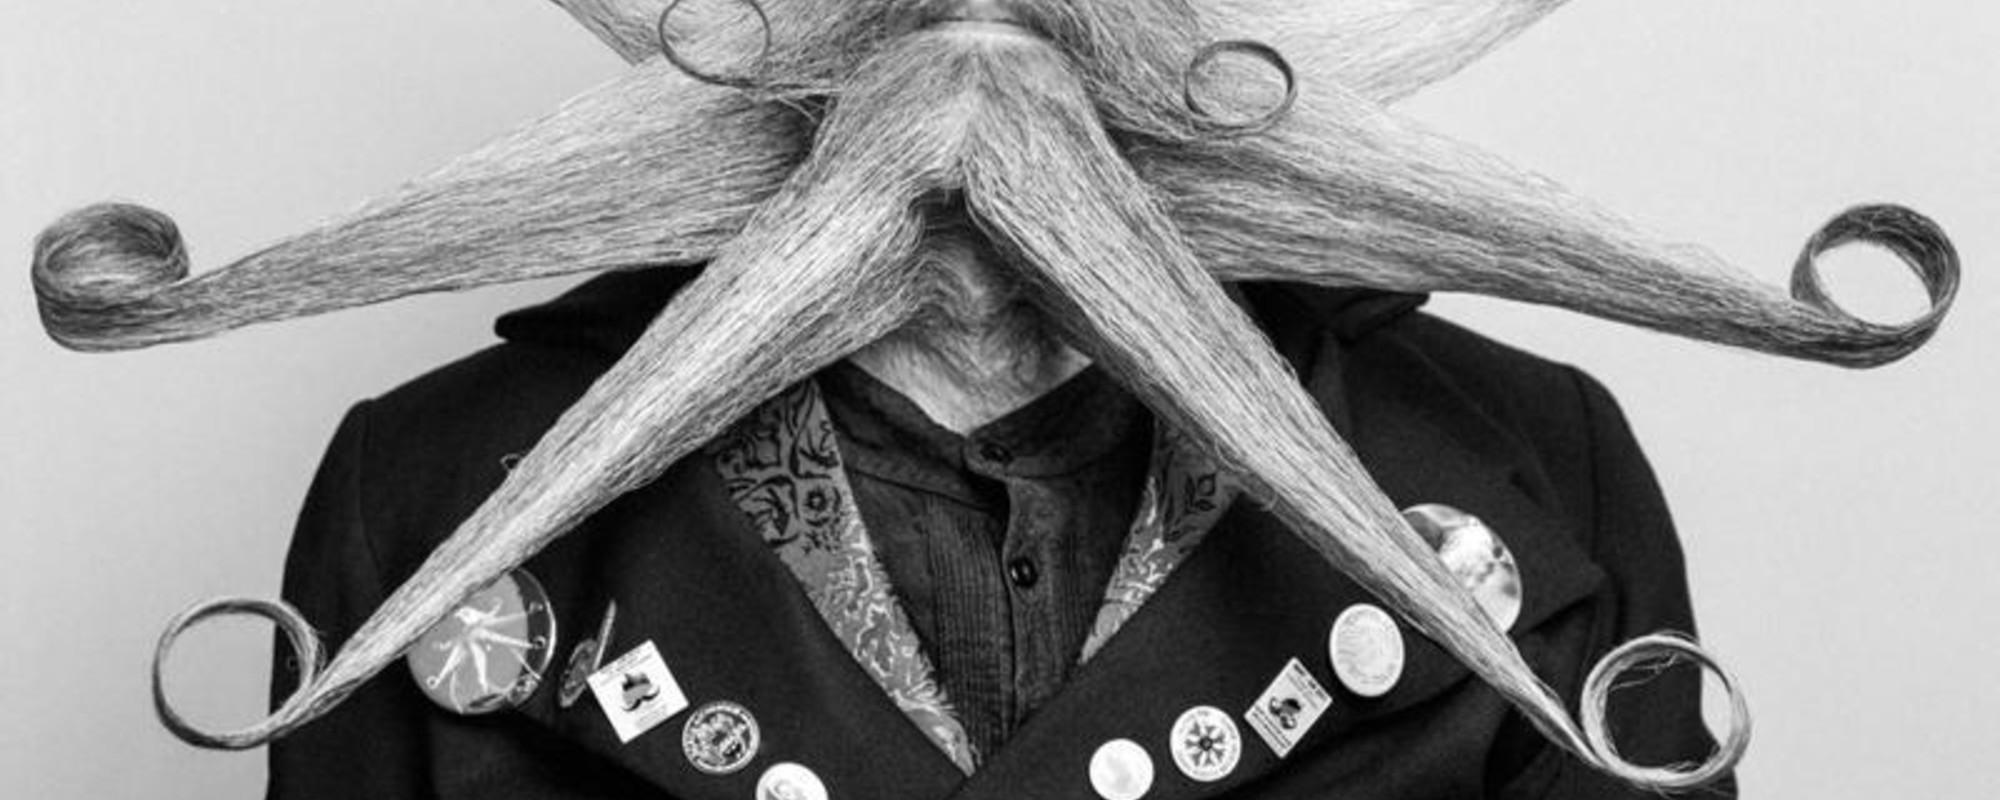 Billeder fra verdensmesterskaberne i skæg